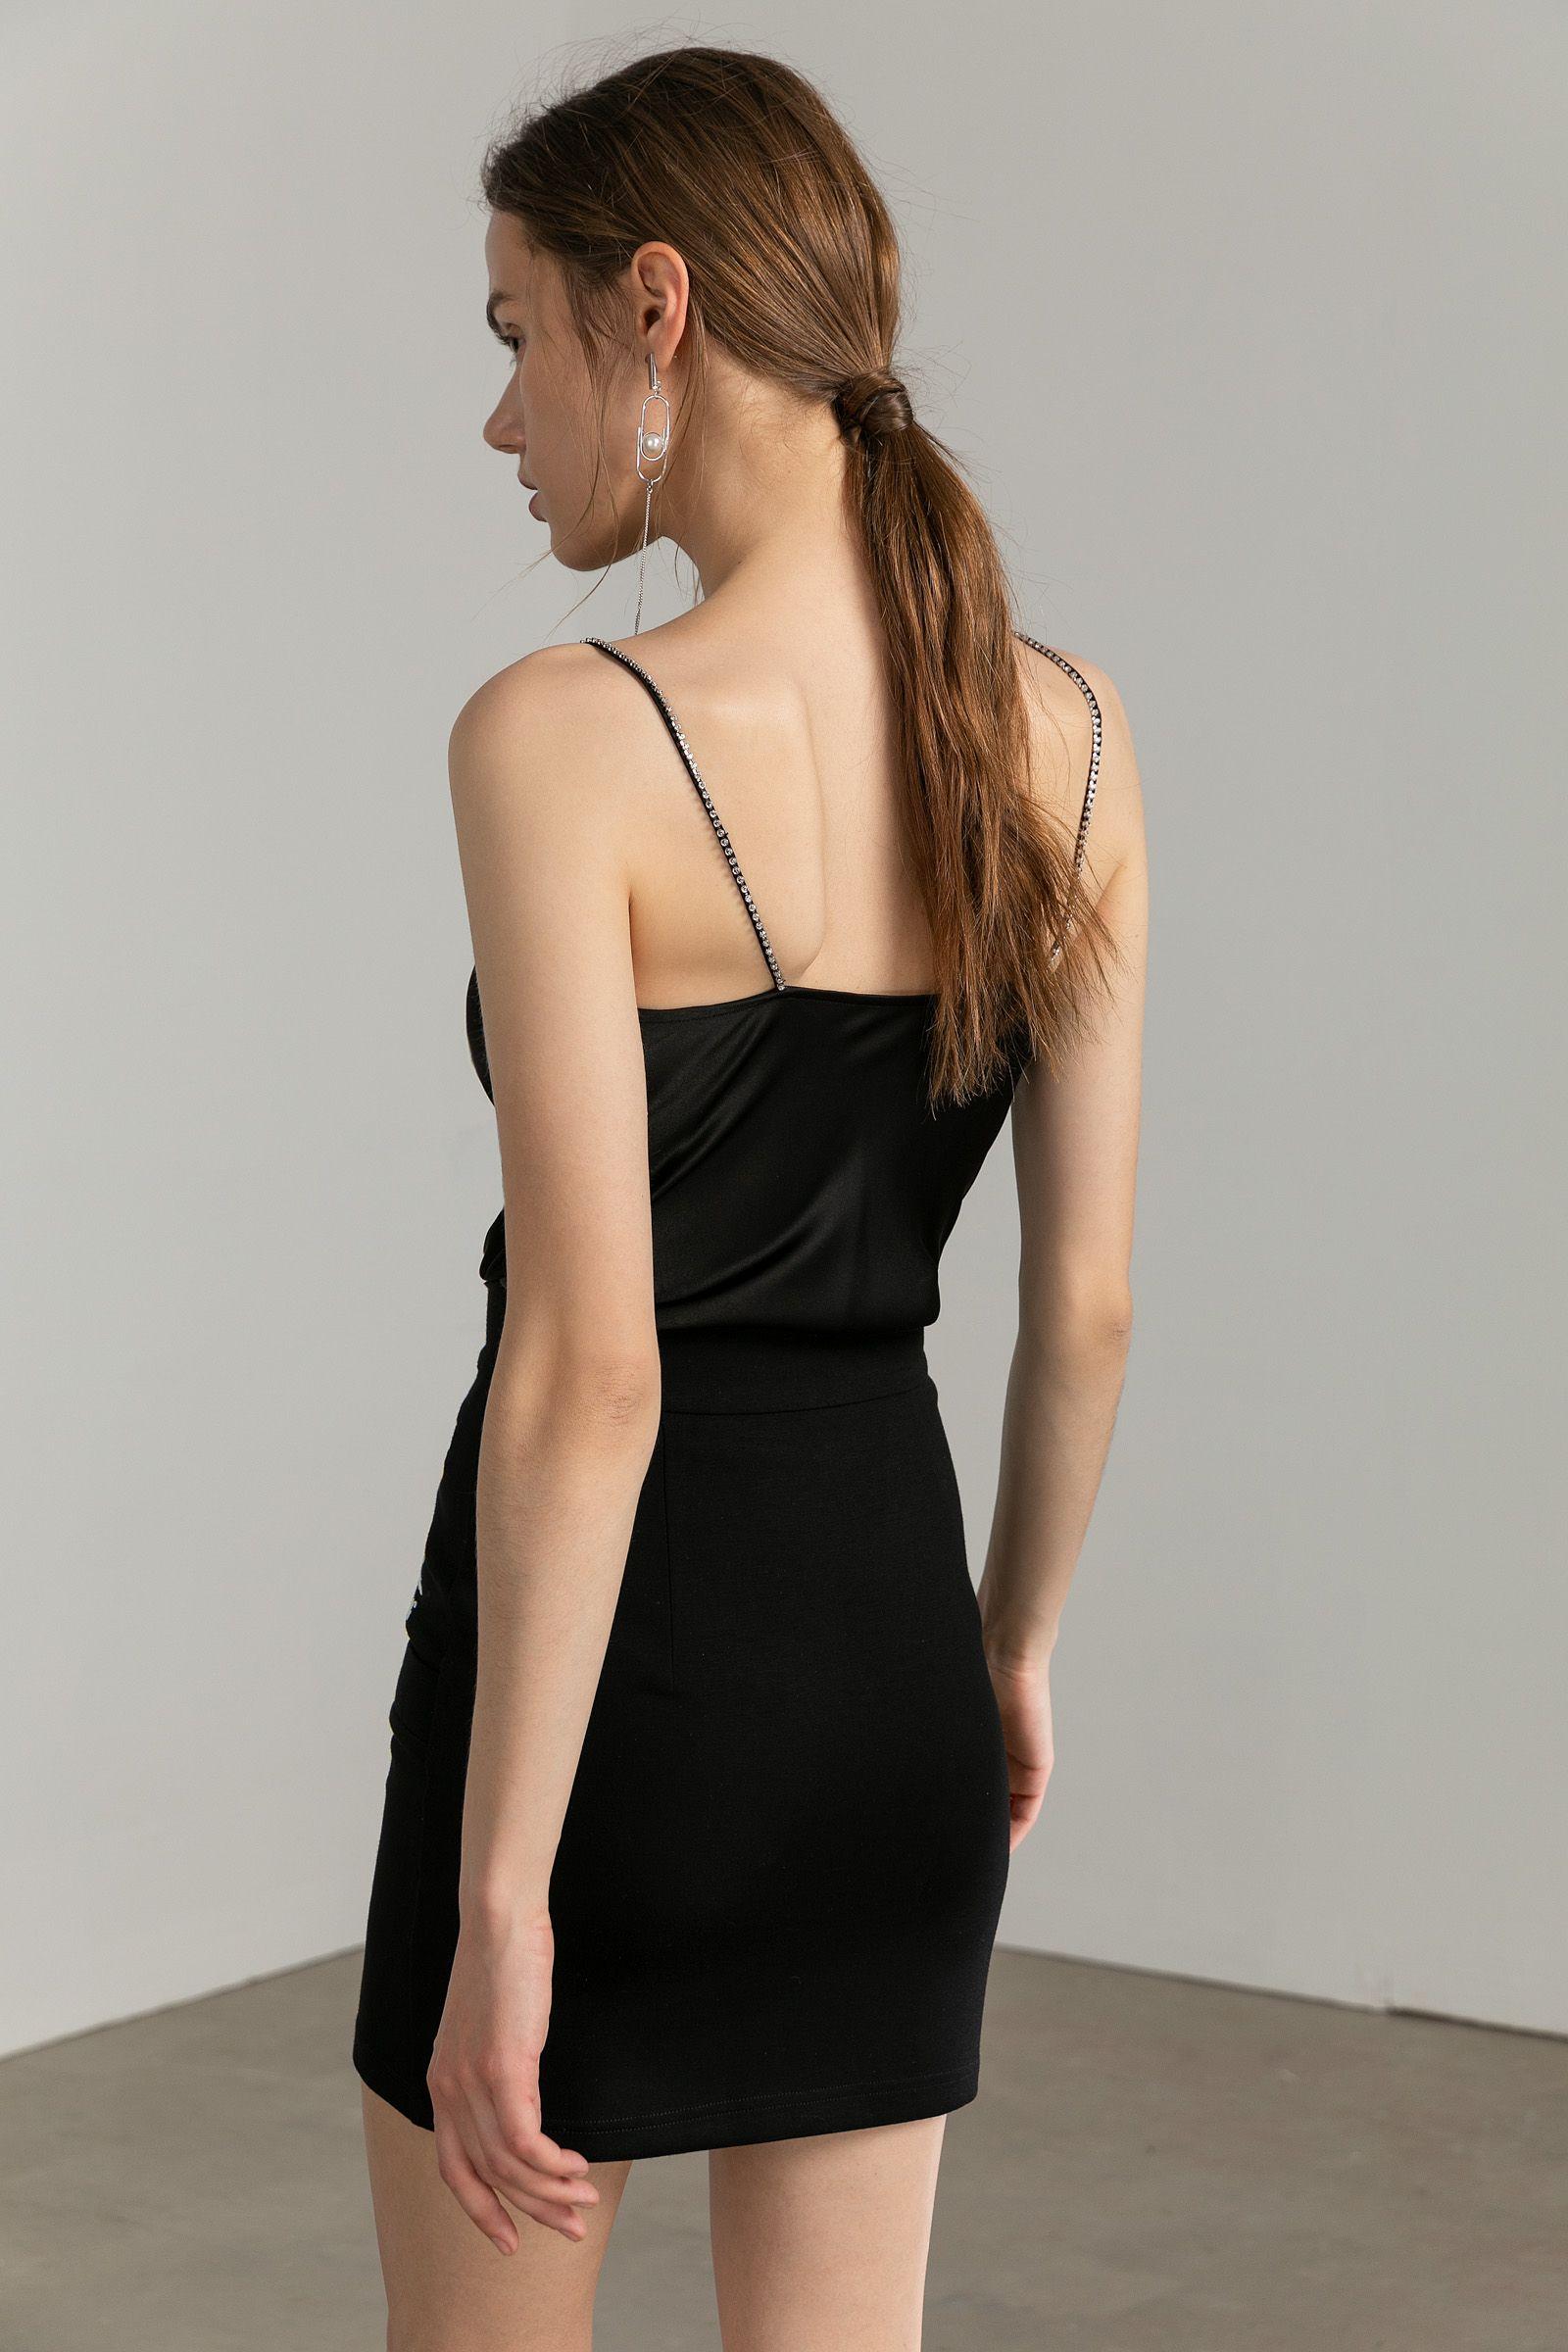 Dita Black Star Studded Top Cowl Neck Dress Boho Mini Dress Black Star [ 2400 x 1600 Pixel ]